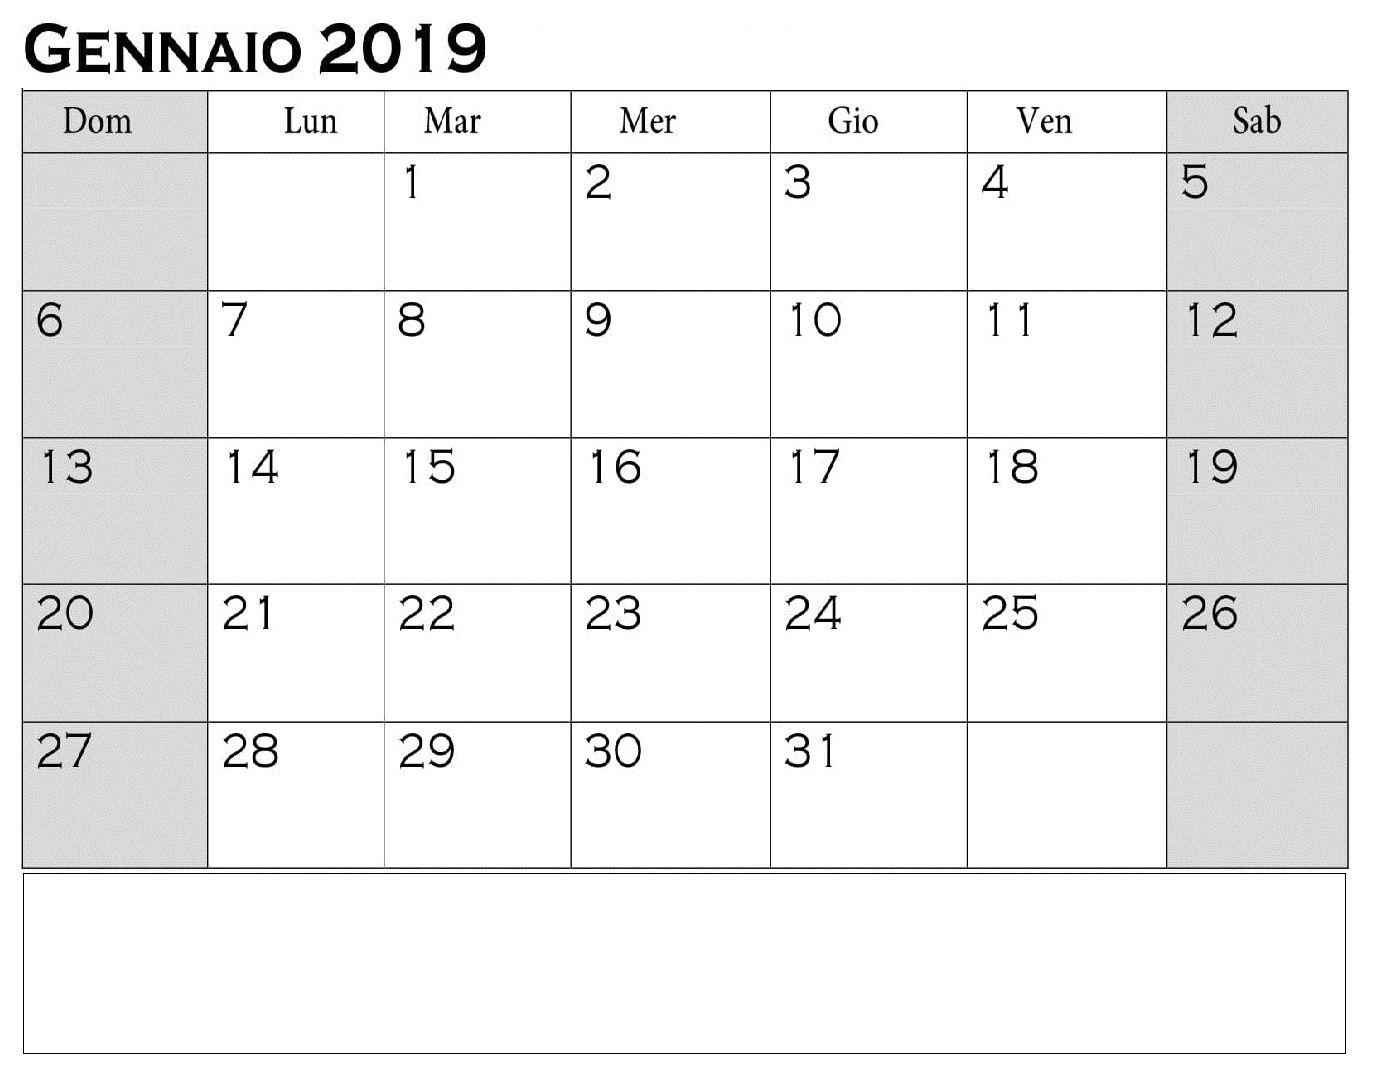 Calendario Gennaio.Calendario Gennaio 2019 Da Stampare Calendario Gennaio